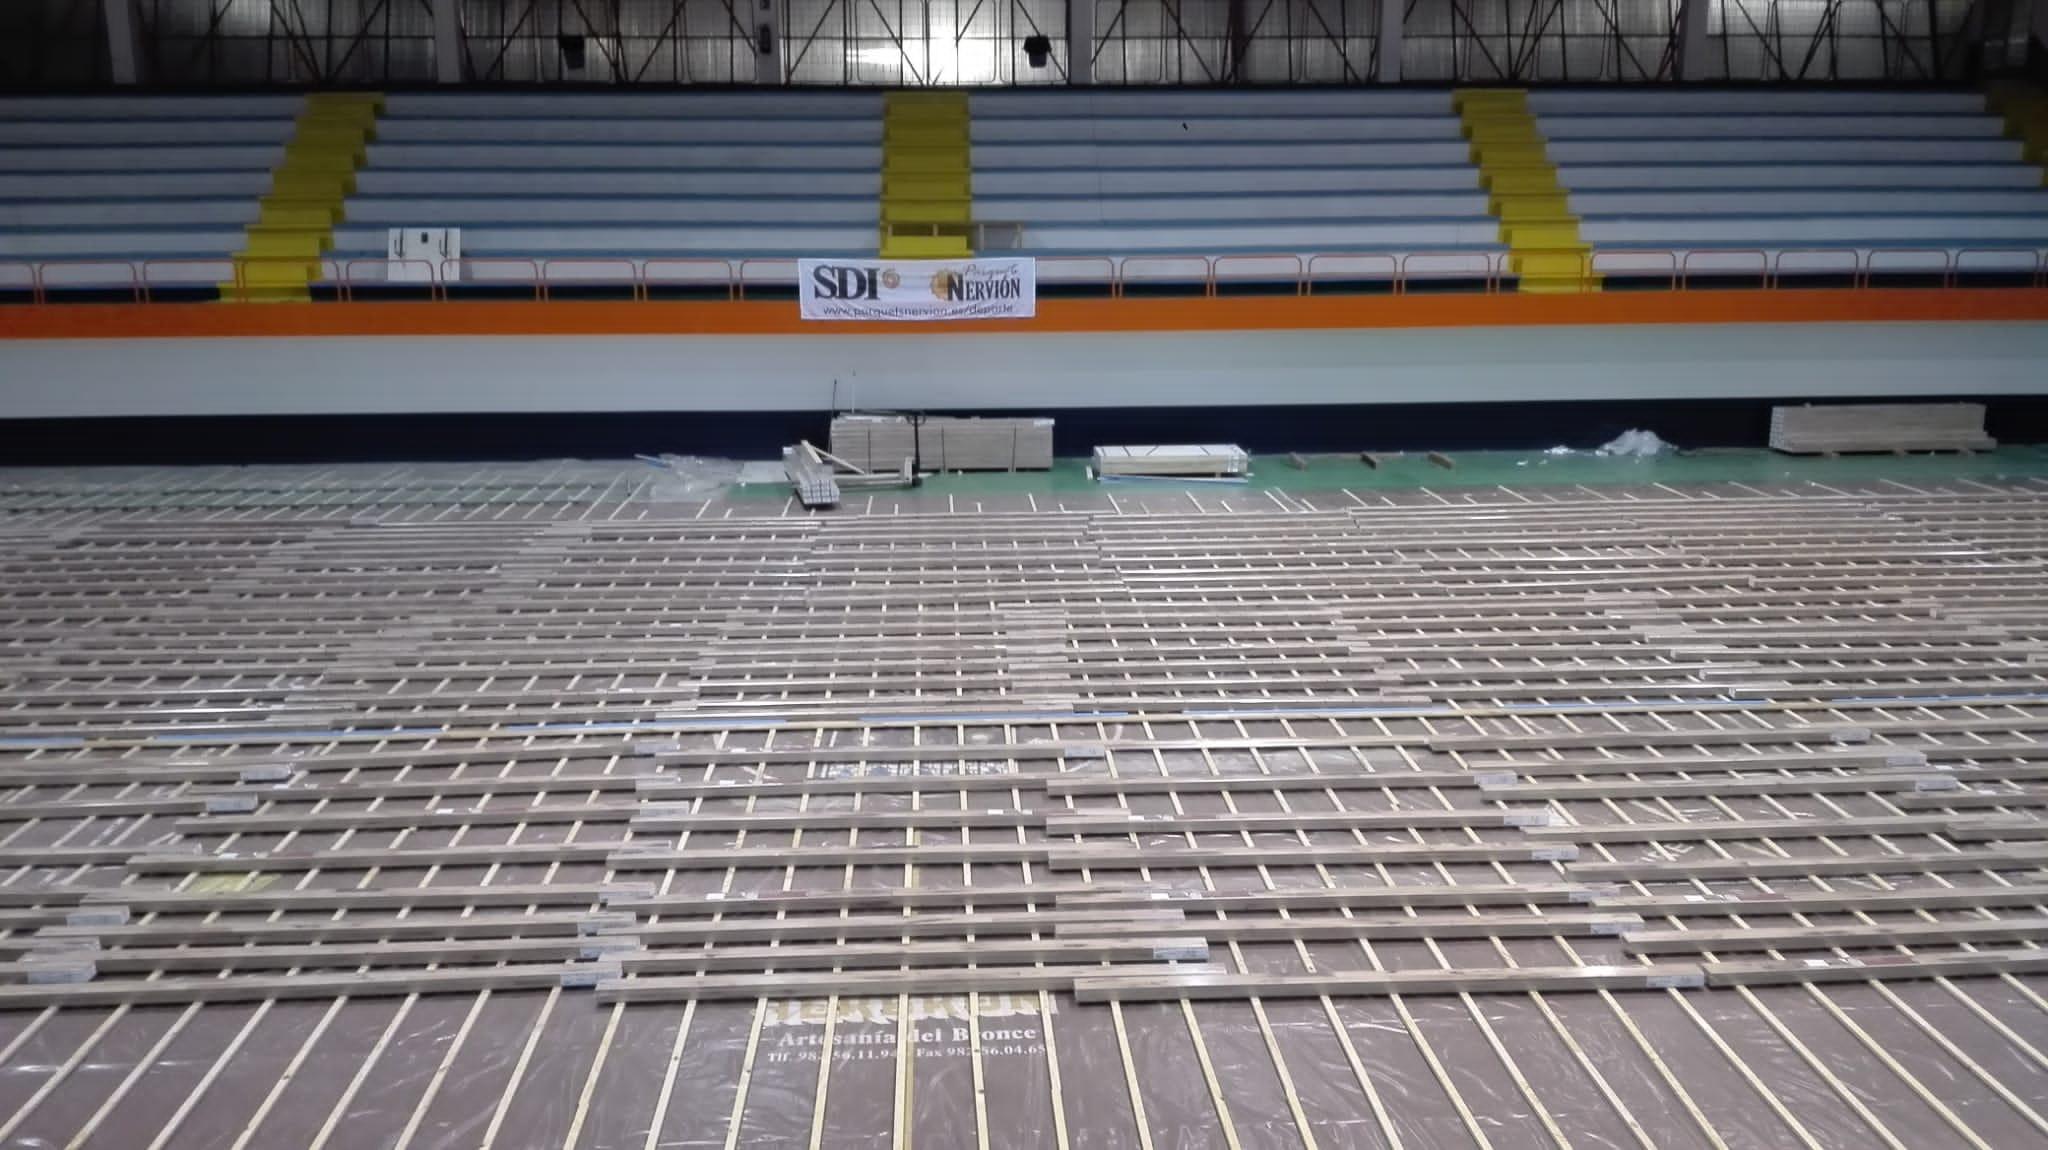 rastrelado suelo deportivo